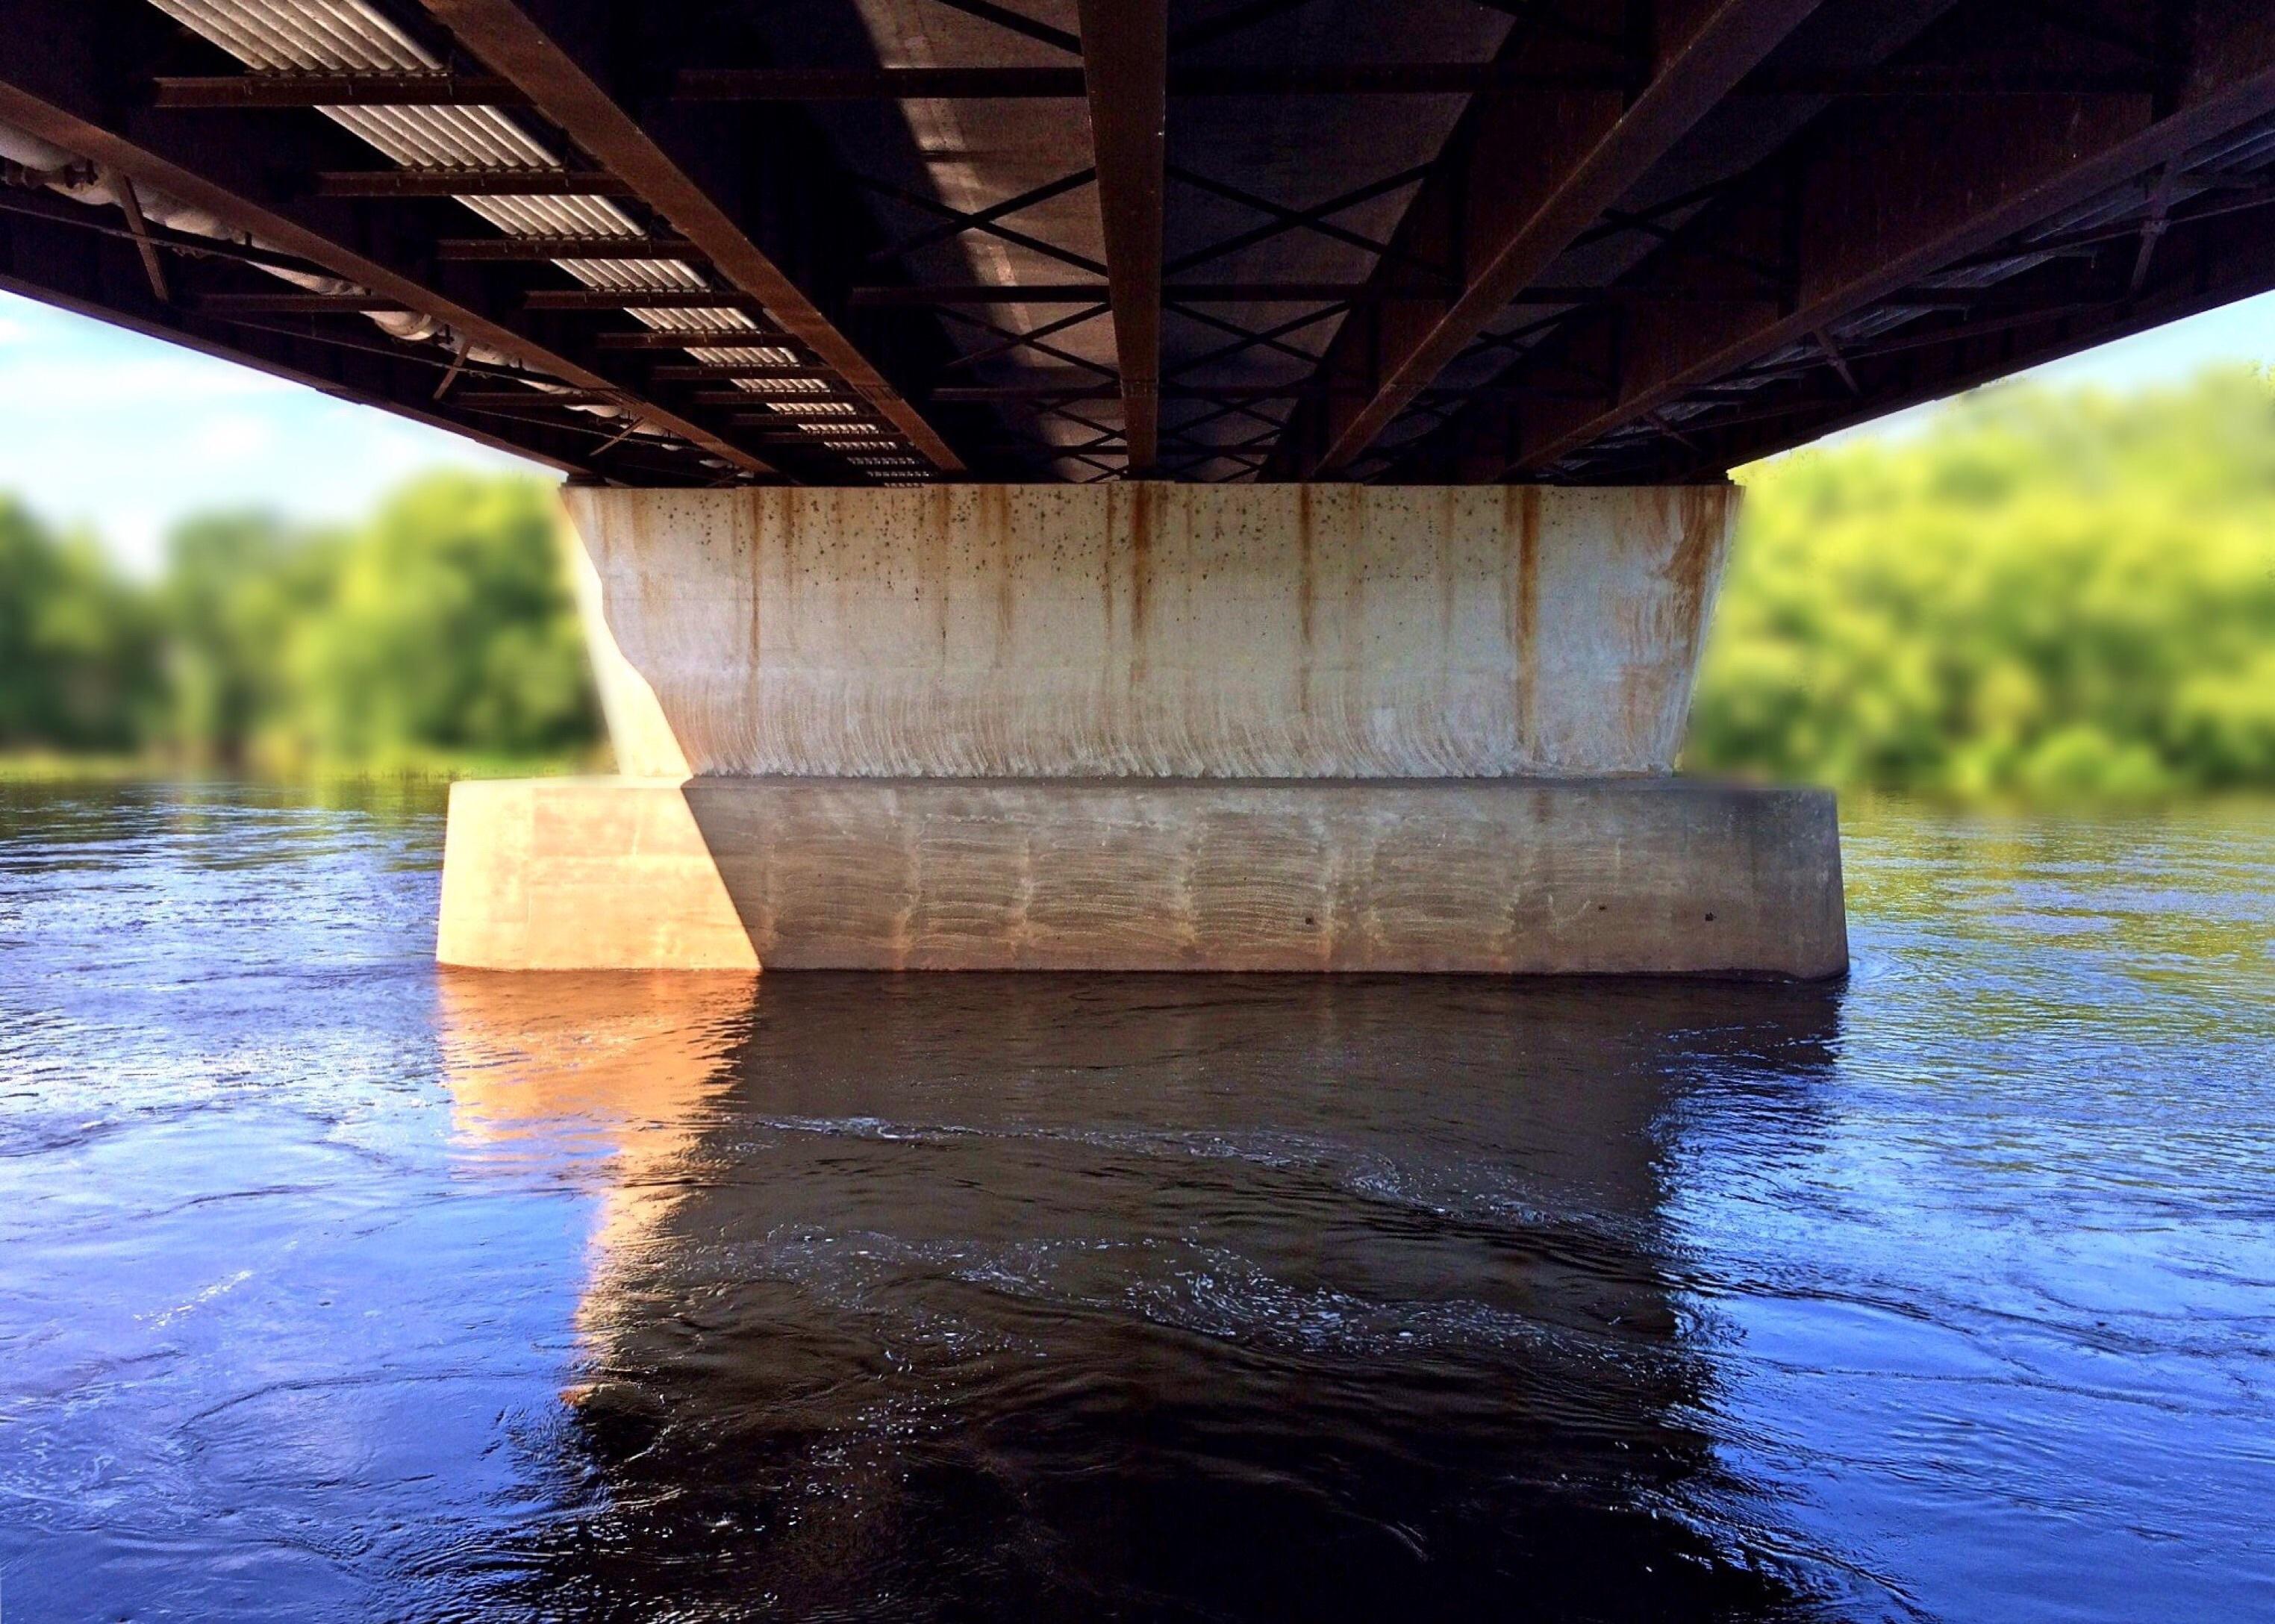 картинки реки под мостом люверсов установлены